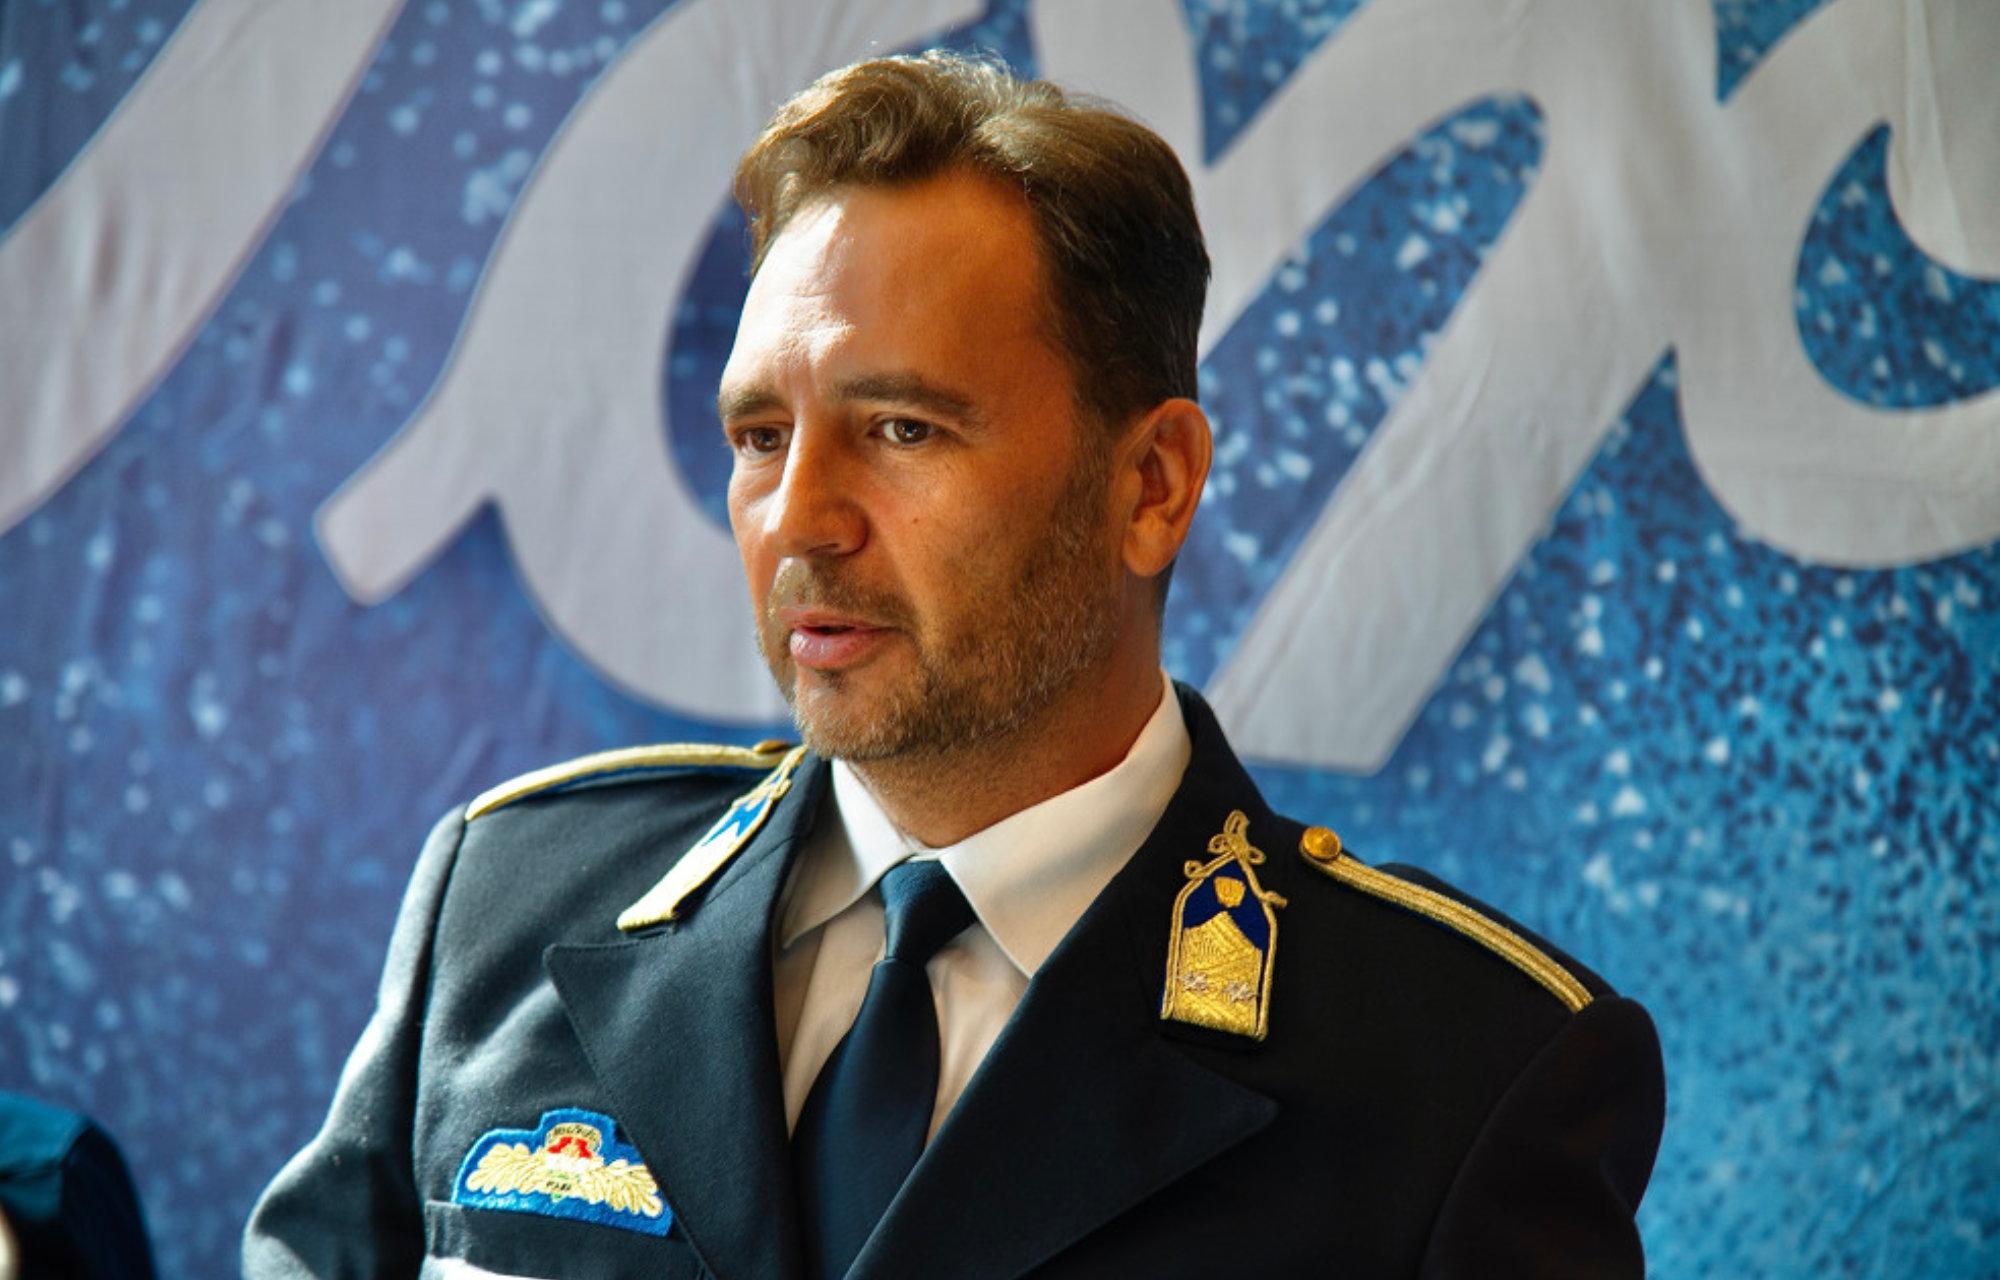 Óberling József, rendőr